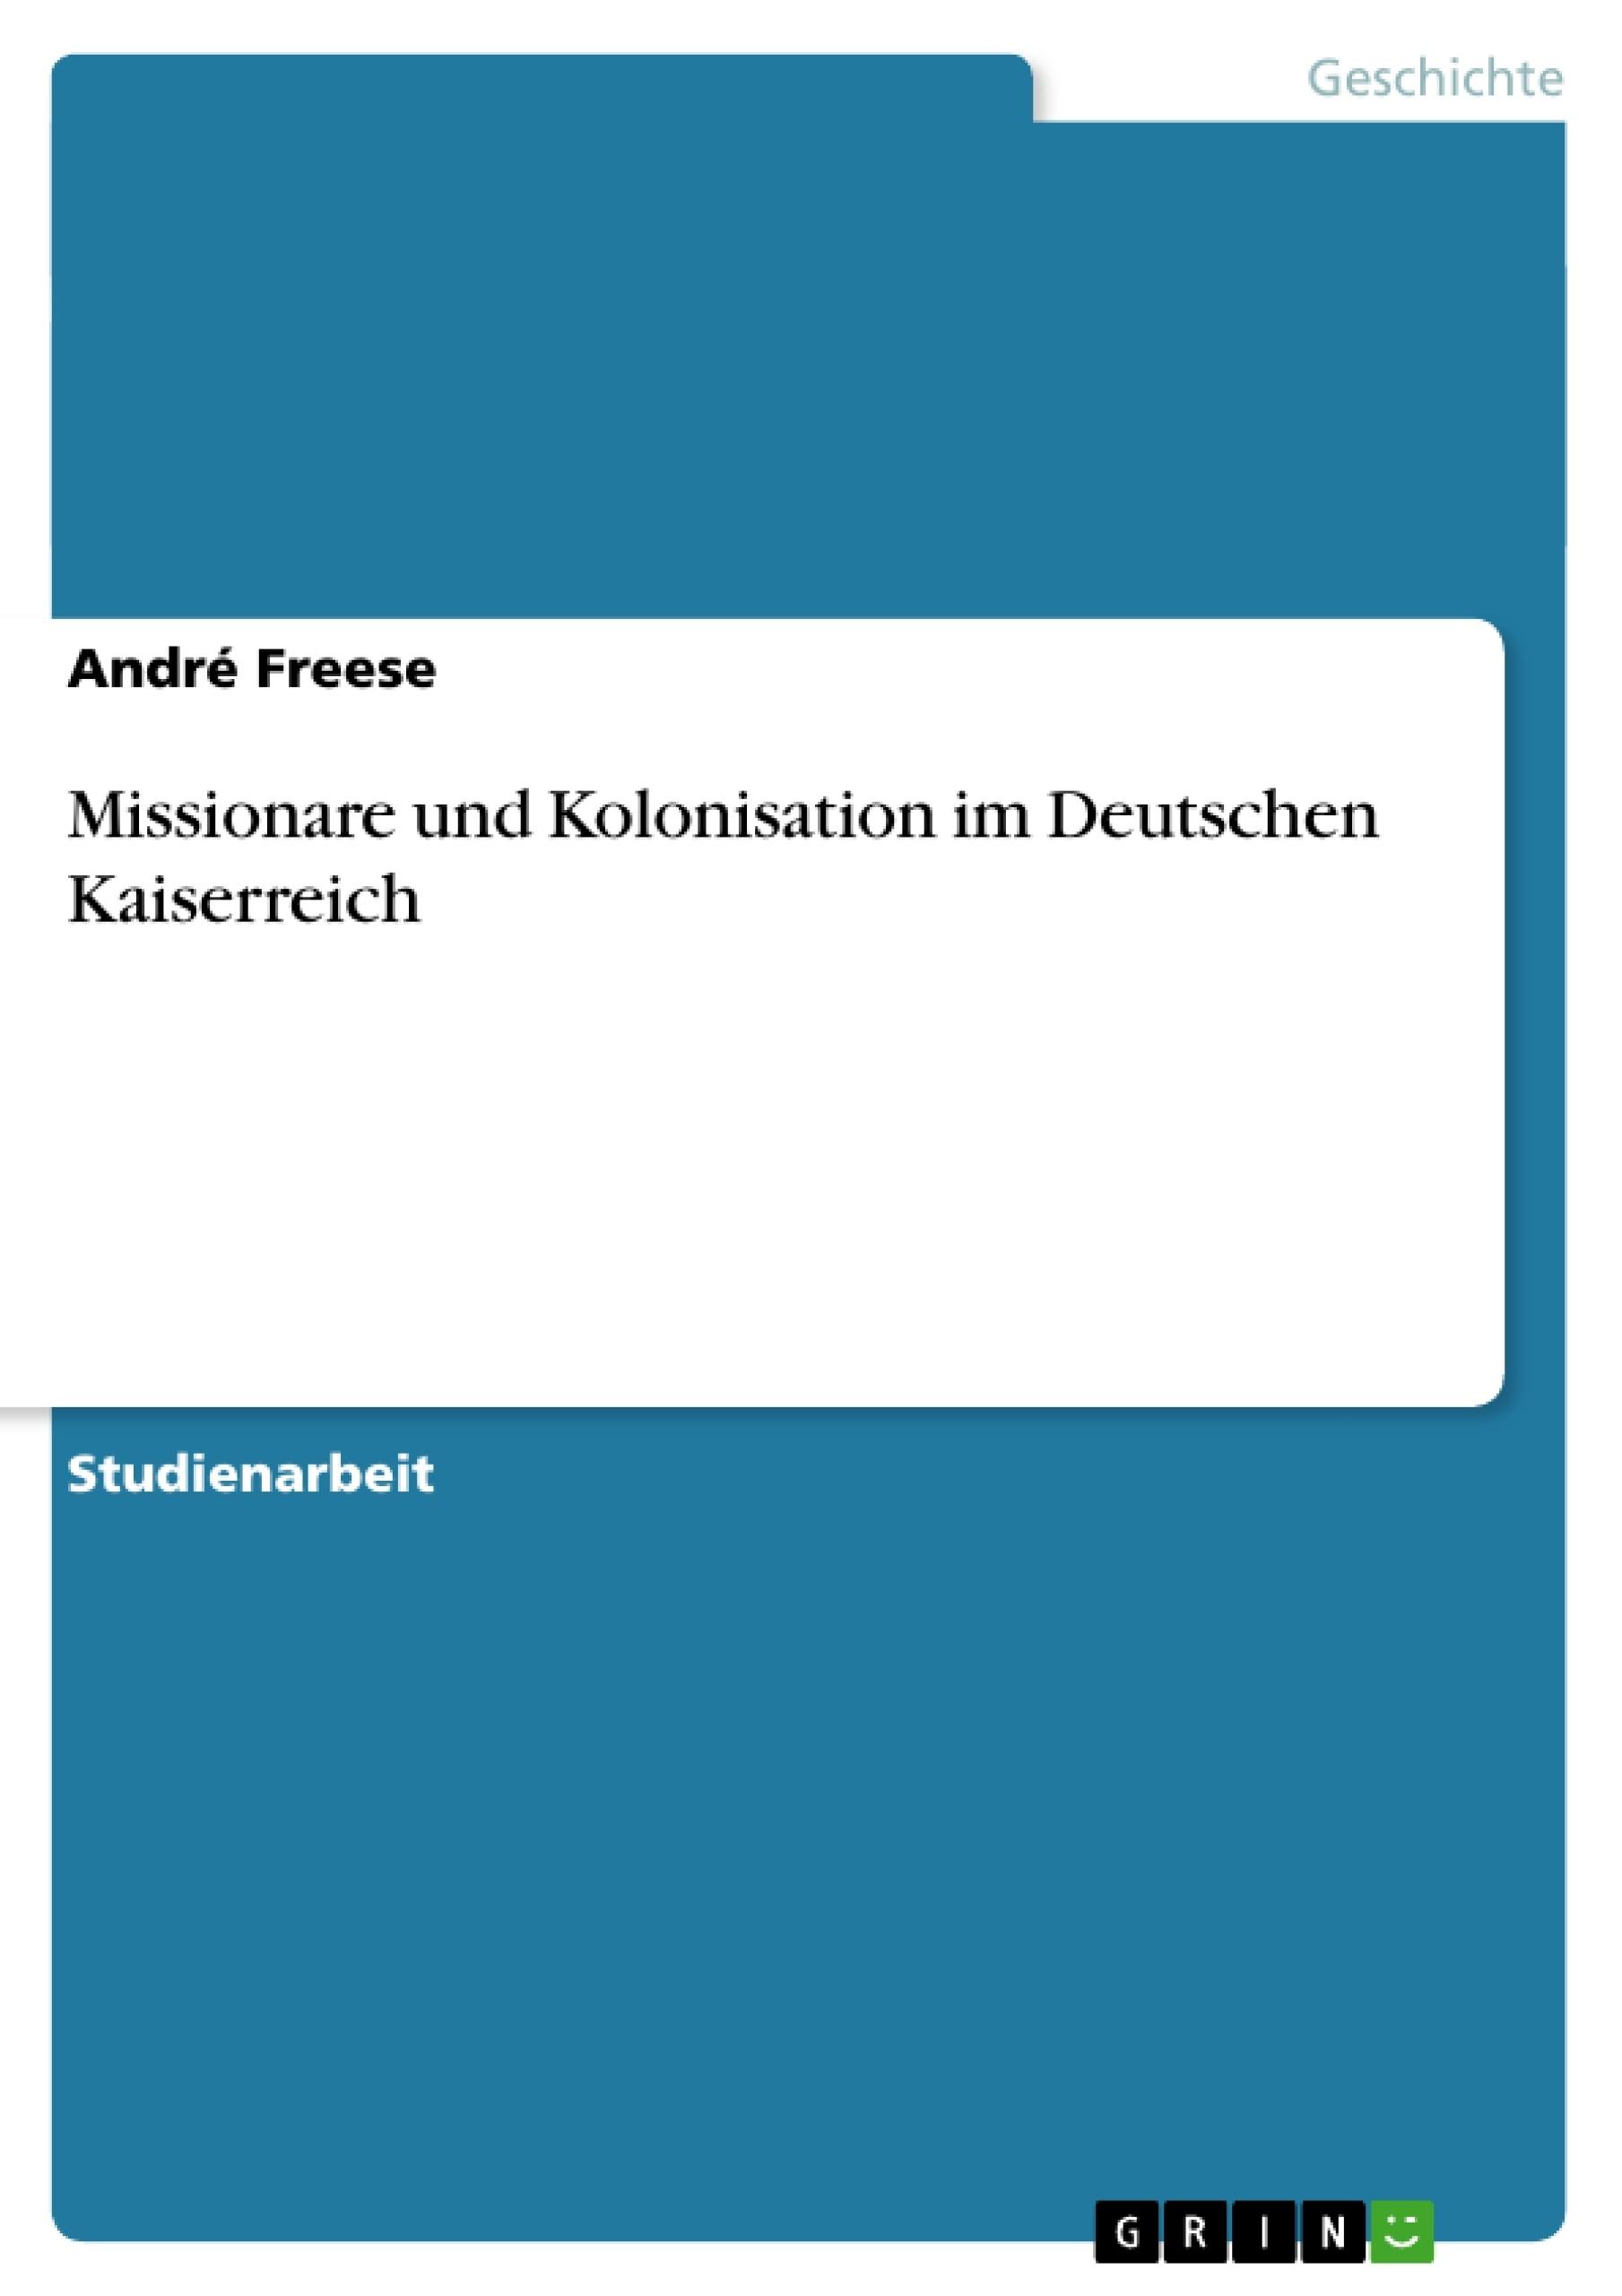 Titel: Missionare und Kolonisation im Deutschen Kaiserreich